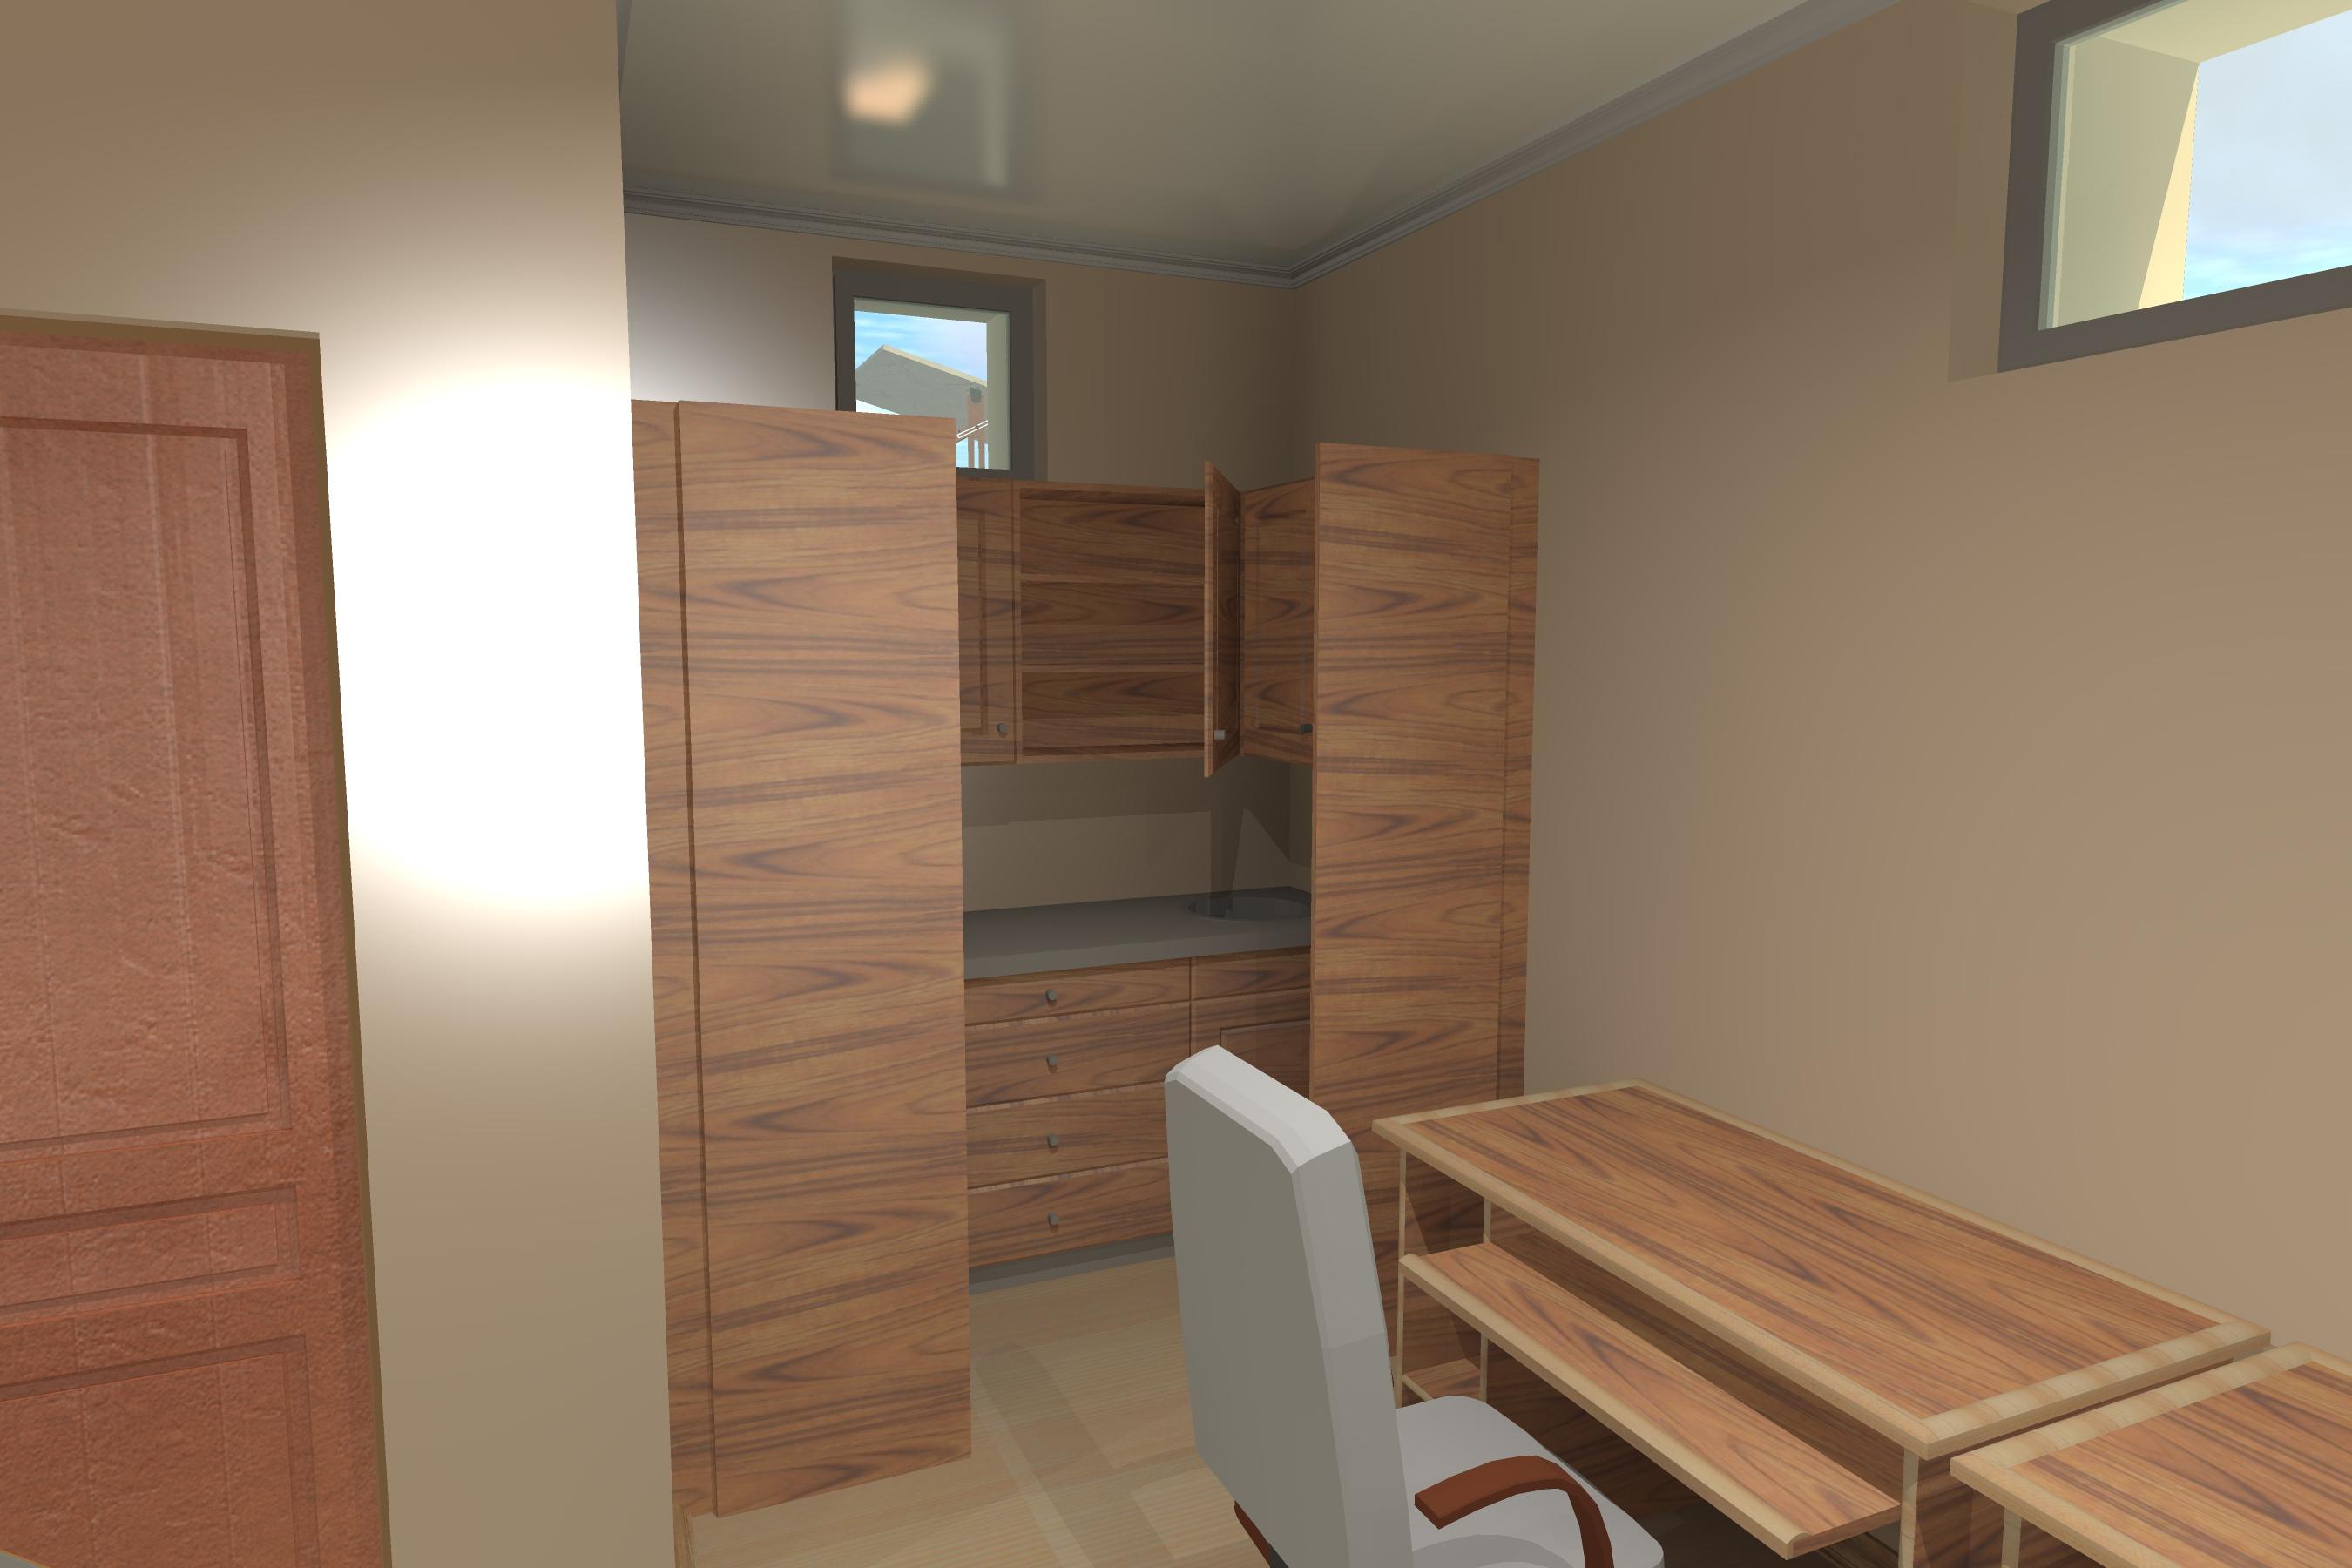 Интерьер с расположением мебели небольшого офиса -2